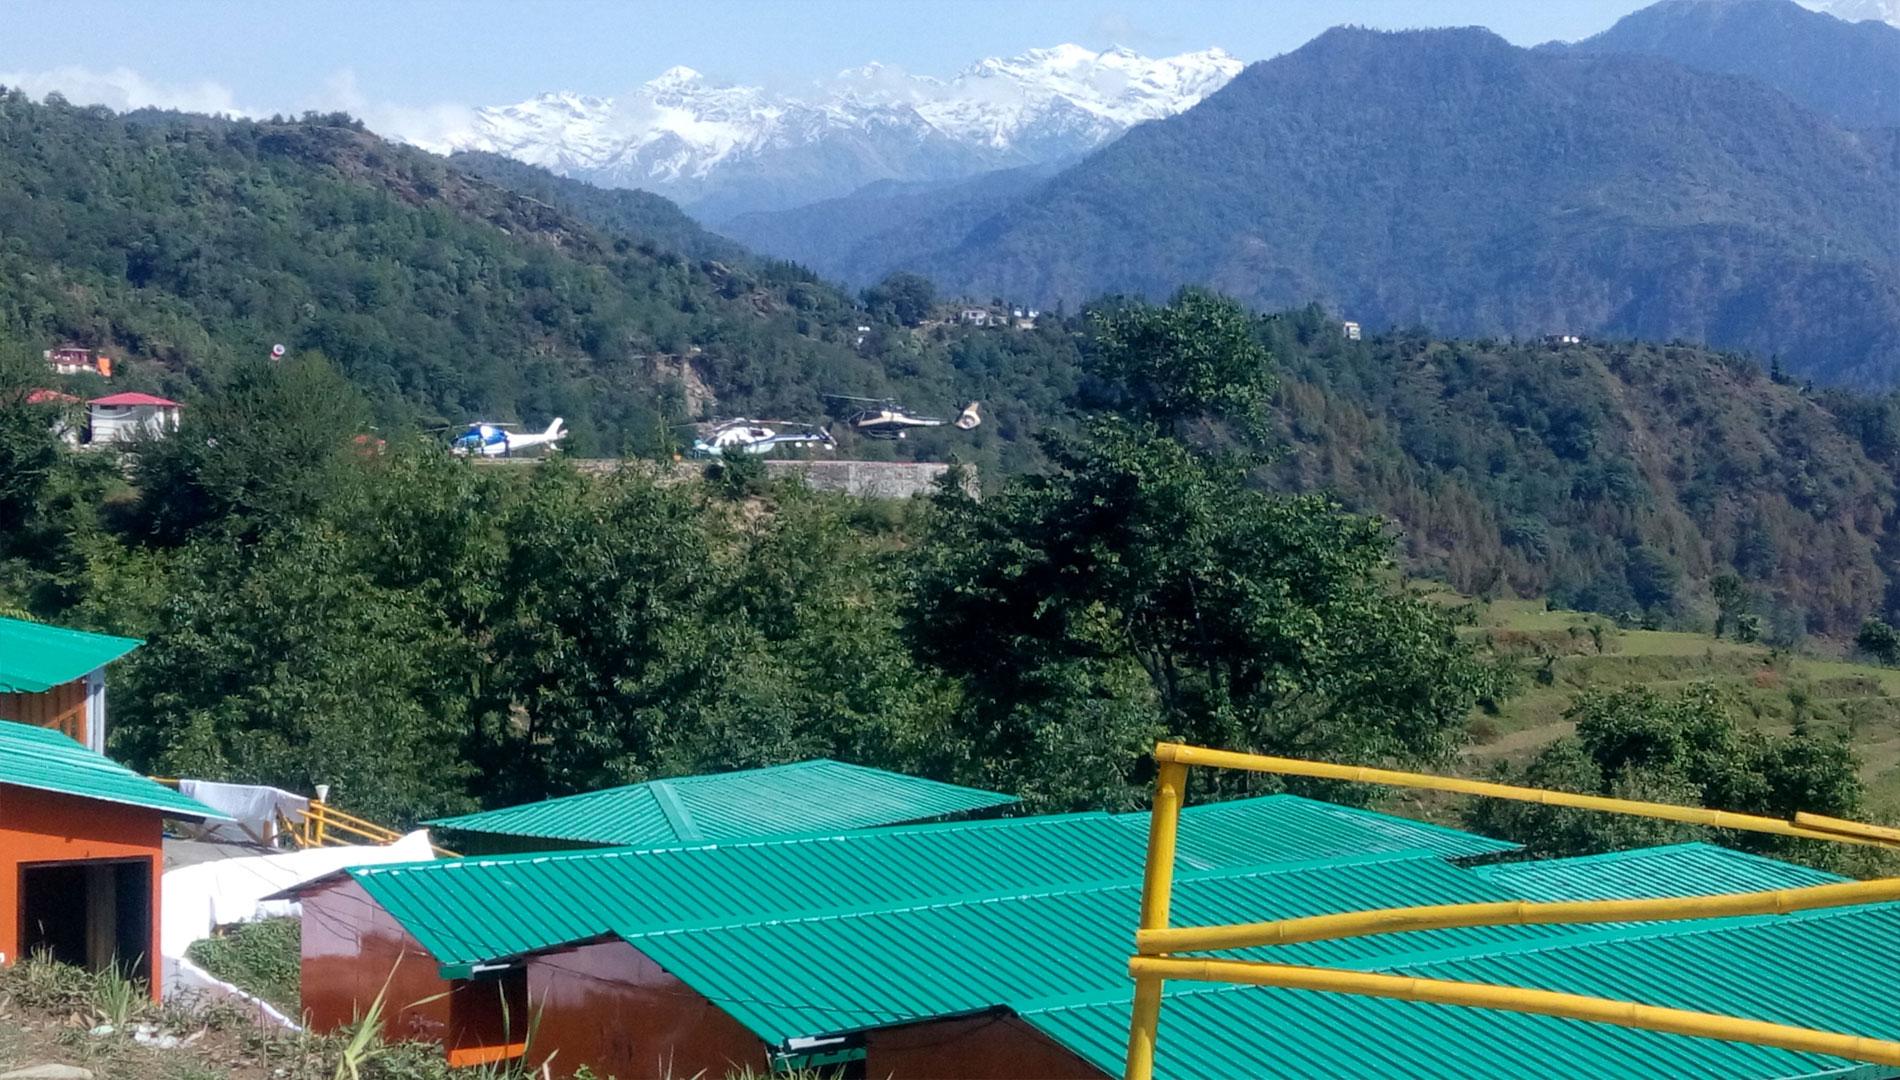 hotel near guptkashi helipad